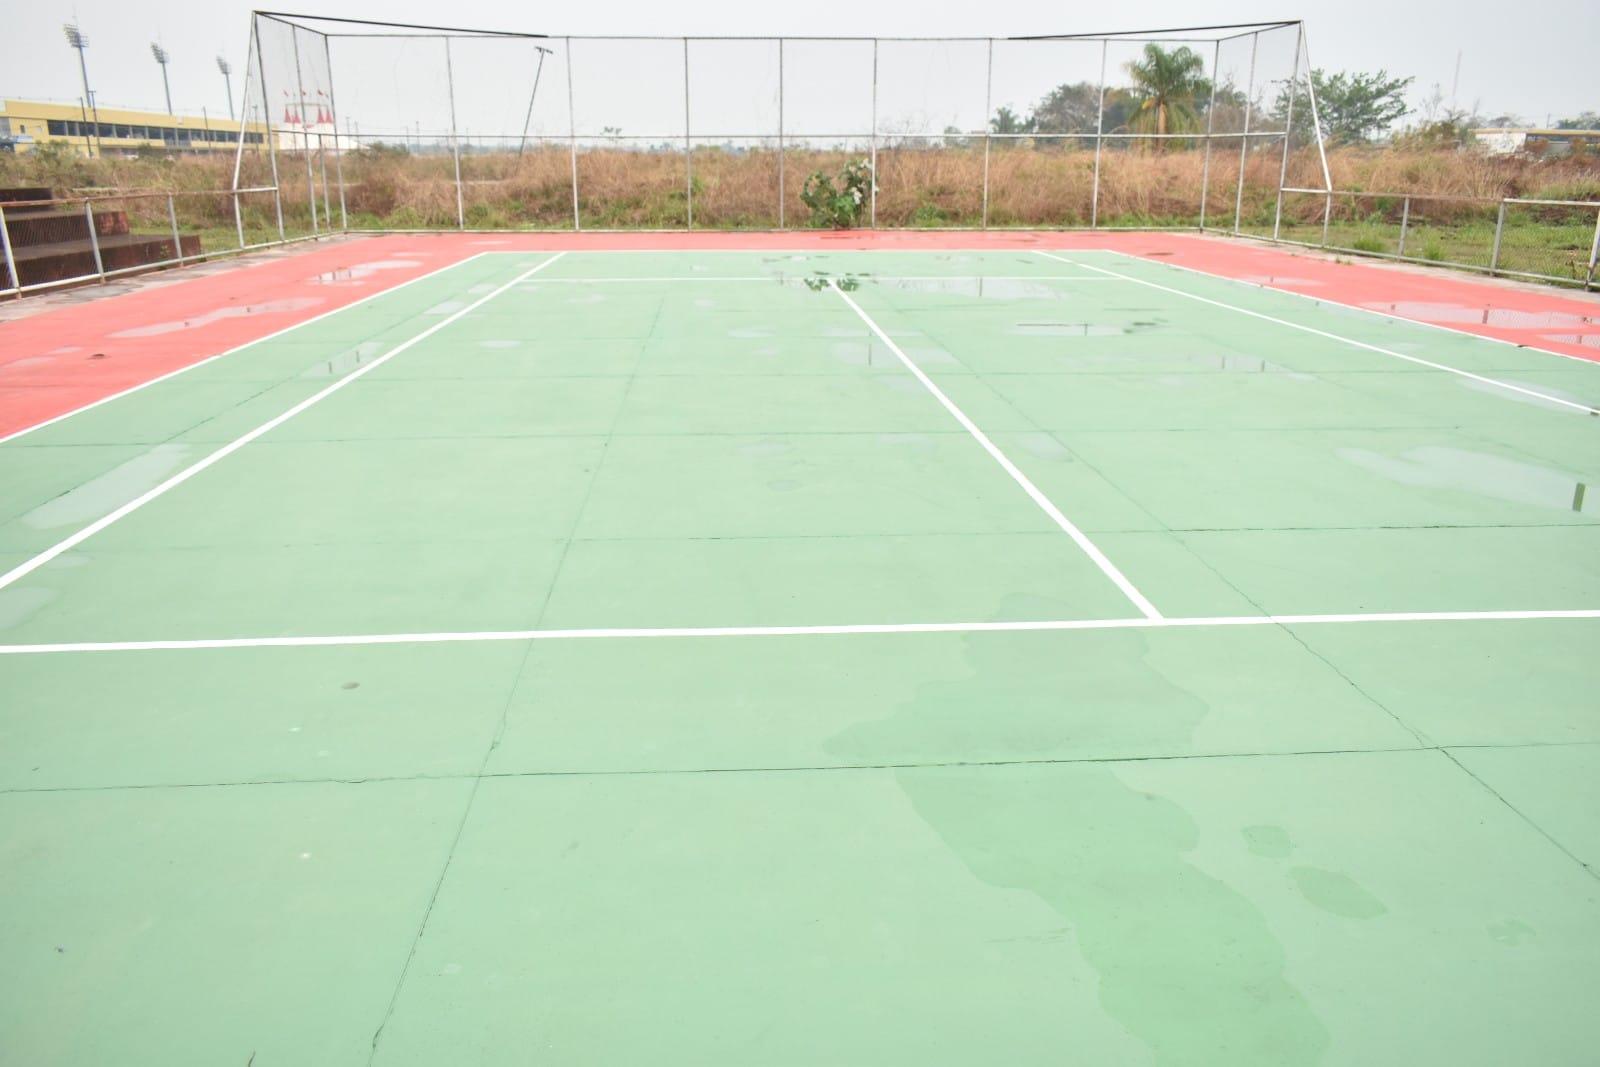 Governo apresenta projeto para construir Centro Esportivo de Treinamento e revitalizar quadras do Arena da Floresta